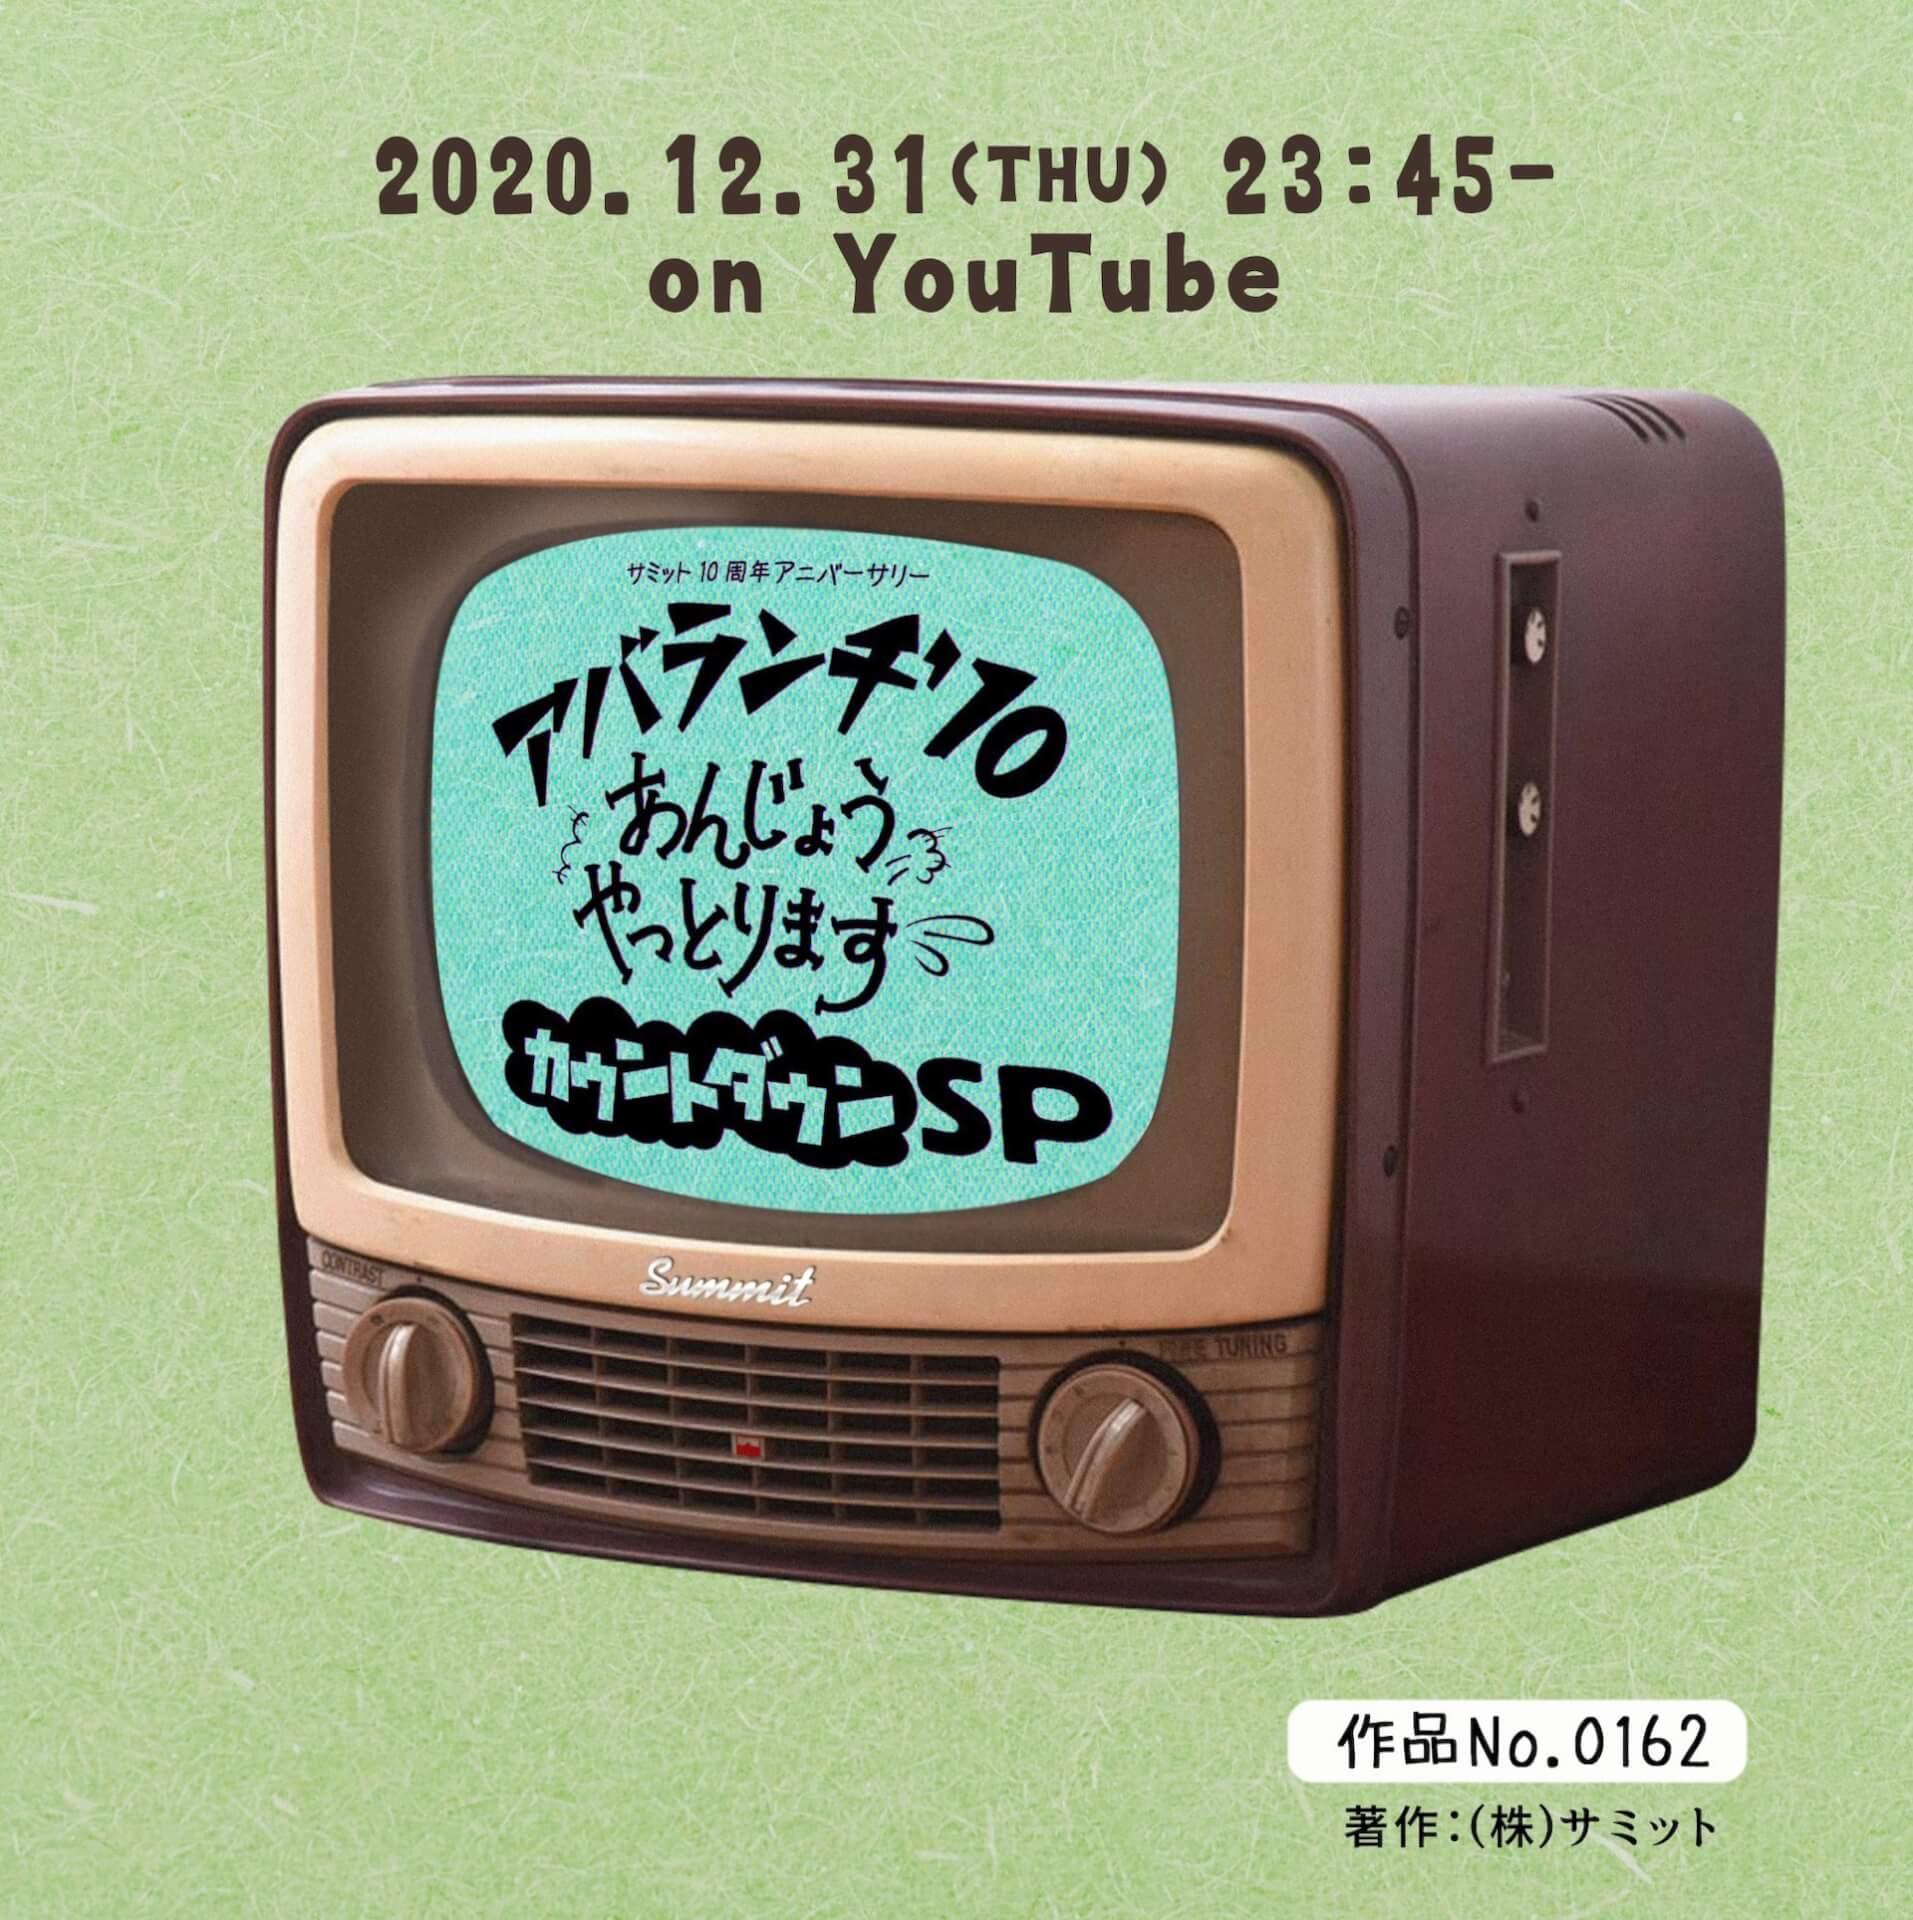 〈SUMMIT〉のレーベル設立10周年を記念した音楽トーク番組が大晦日深夜より放送決定!公式YouTubeチャンネルにて生配信 music201222_summit_wwwx_live_2